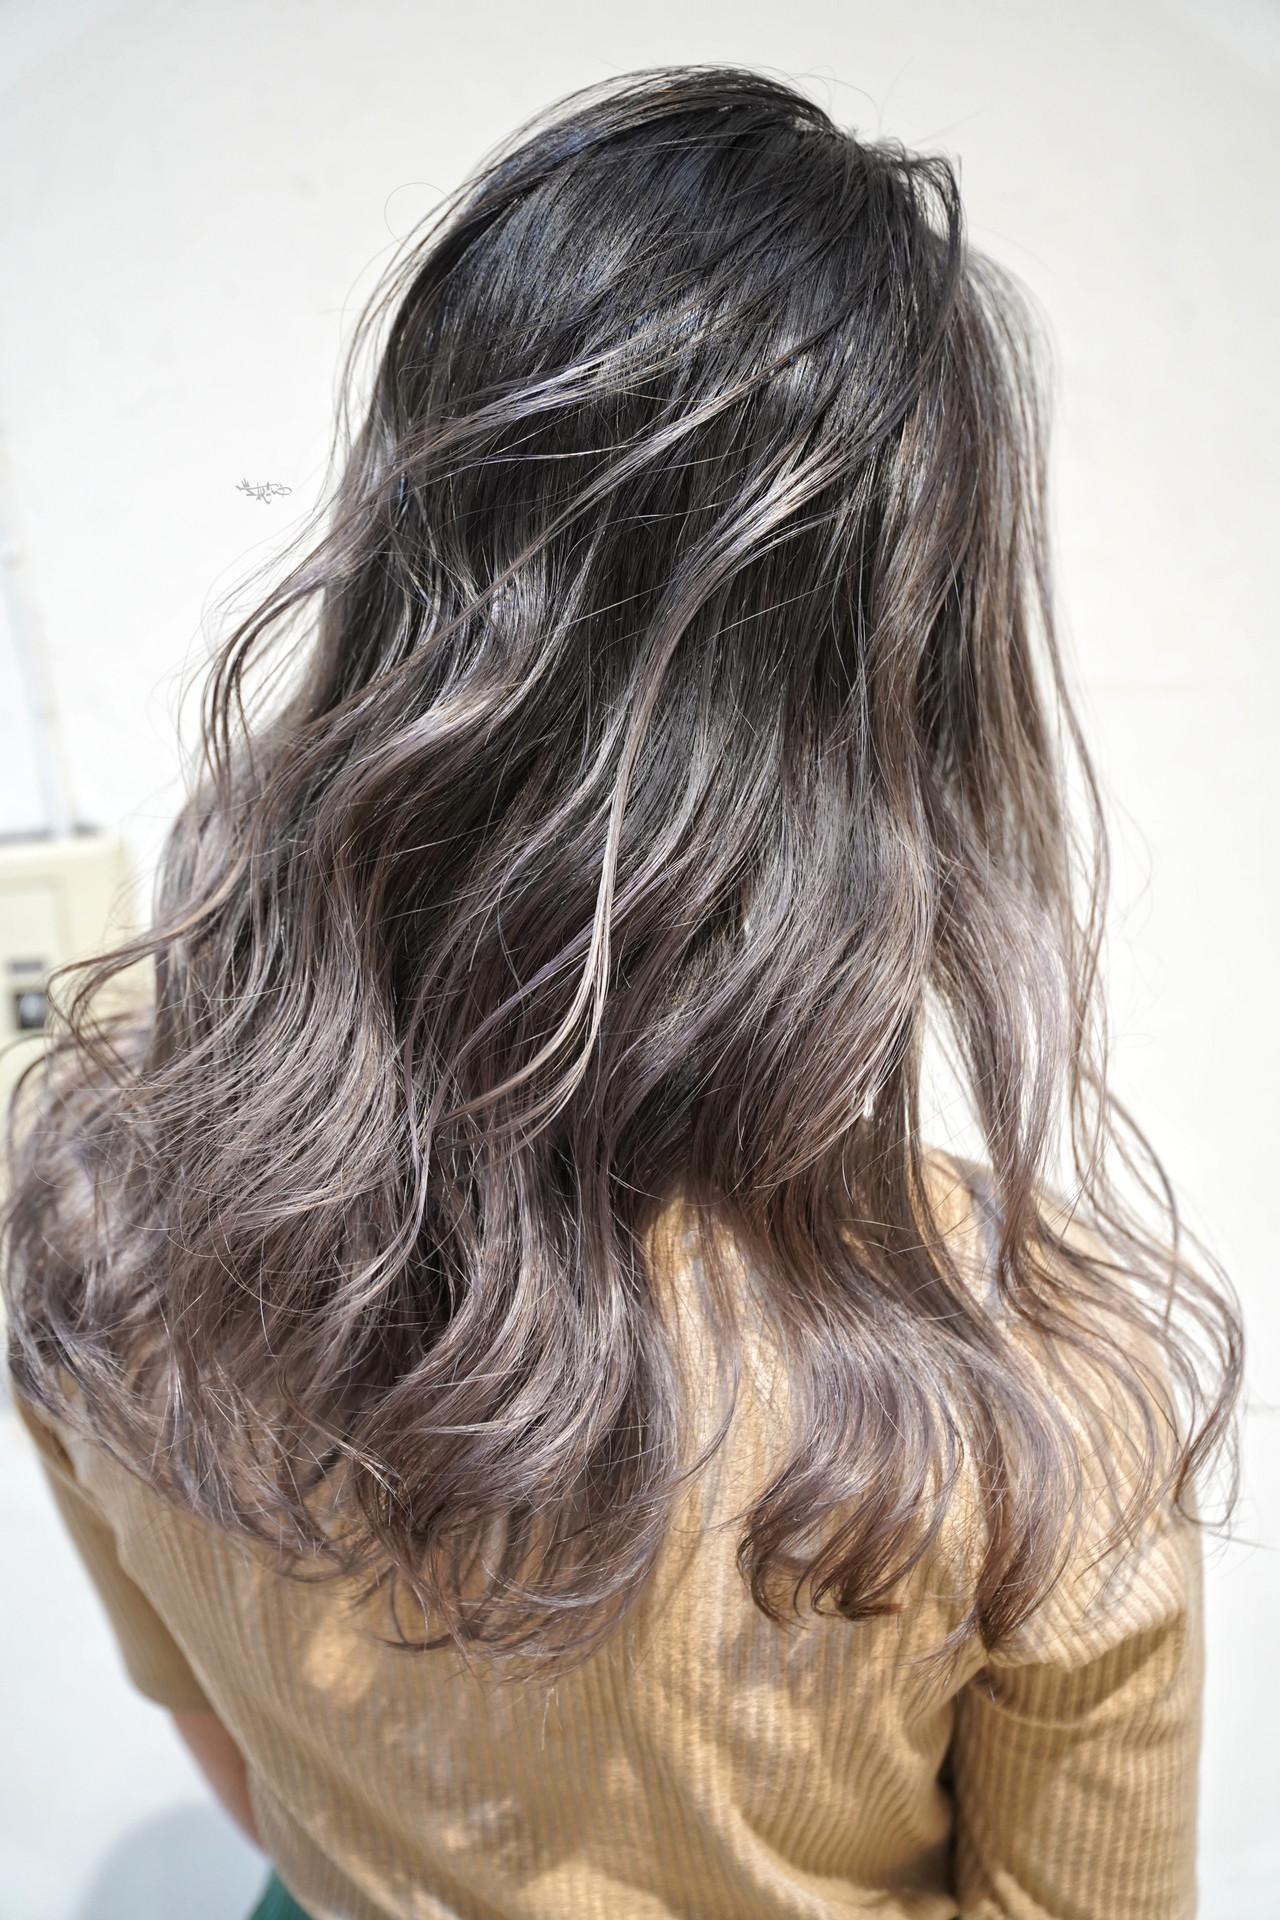 ロング バレイヤージュ ハイライト グレージュ ヘアスタイルや髪型の写真・画像